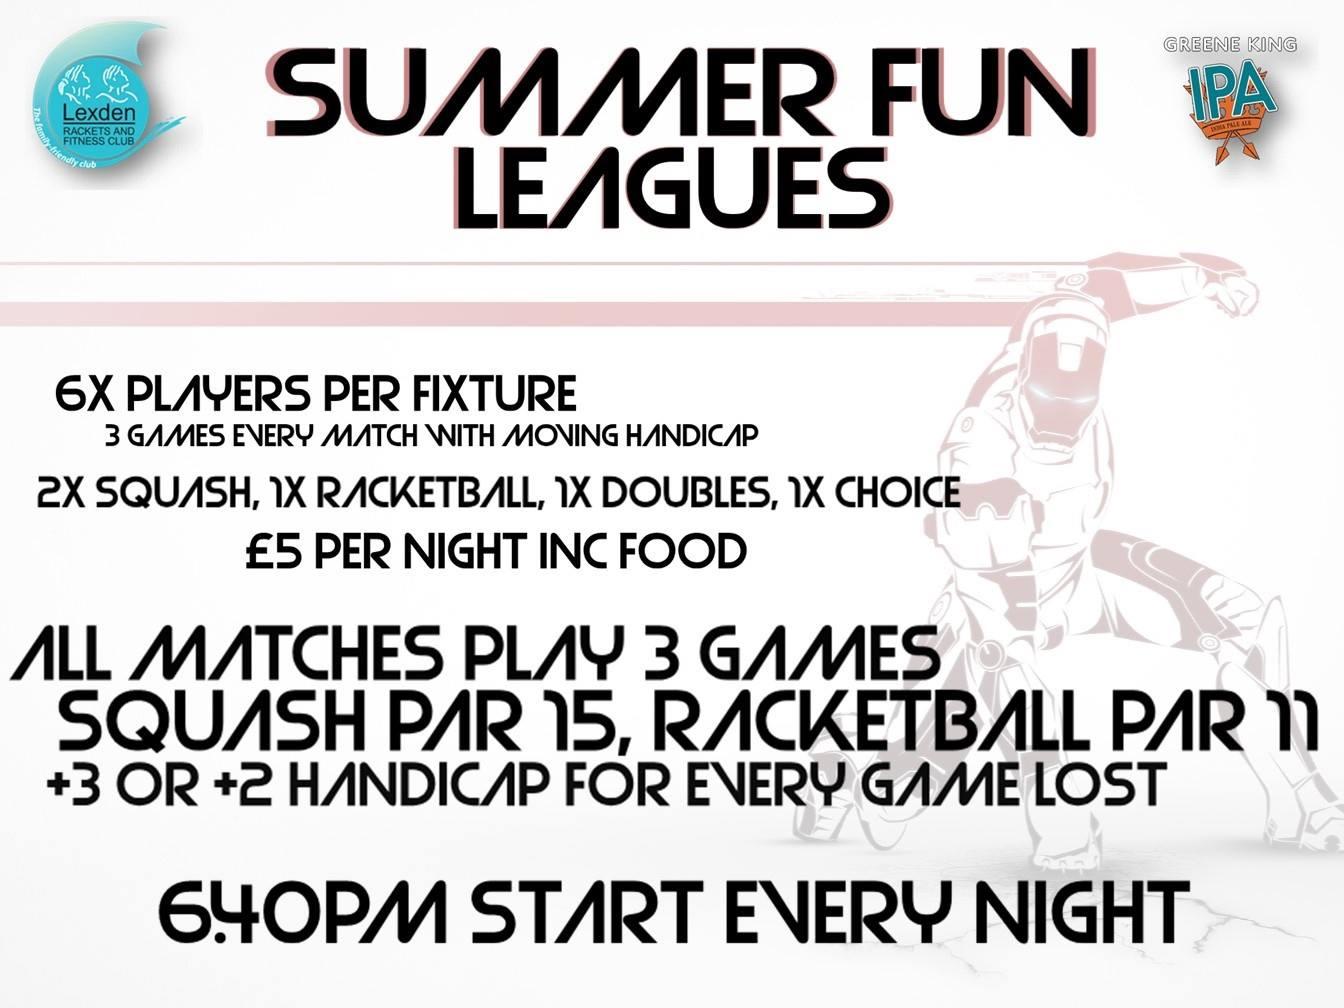 Summer Fun Leagues